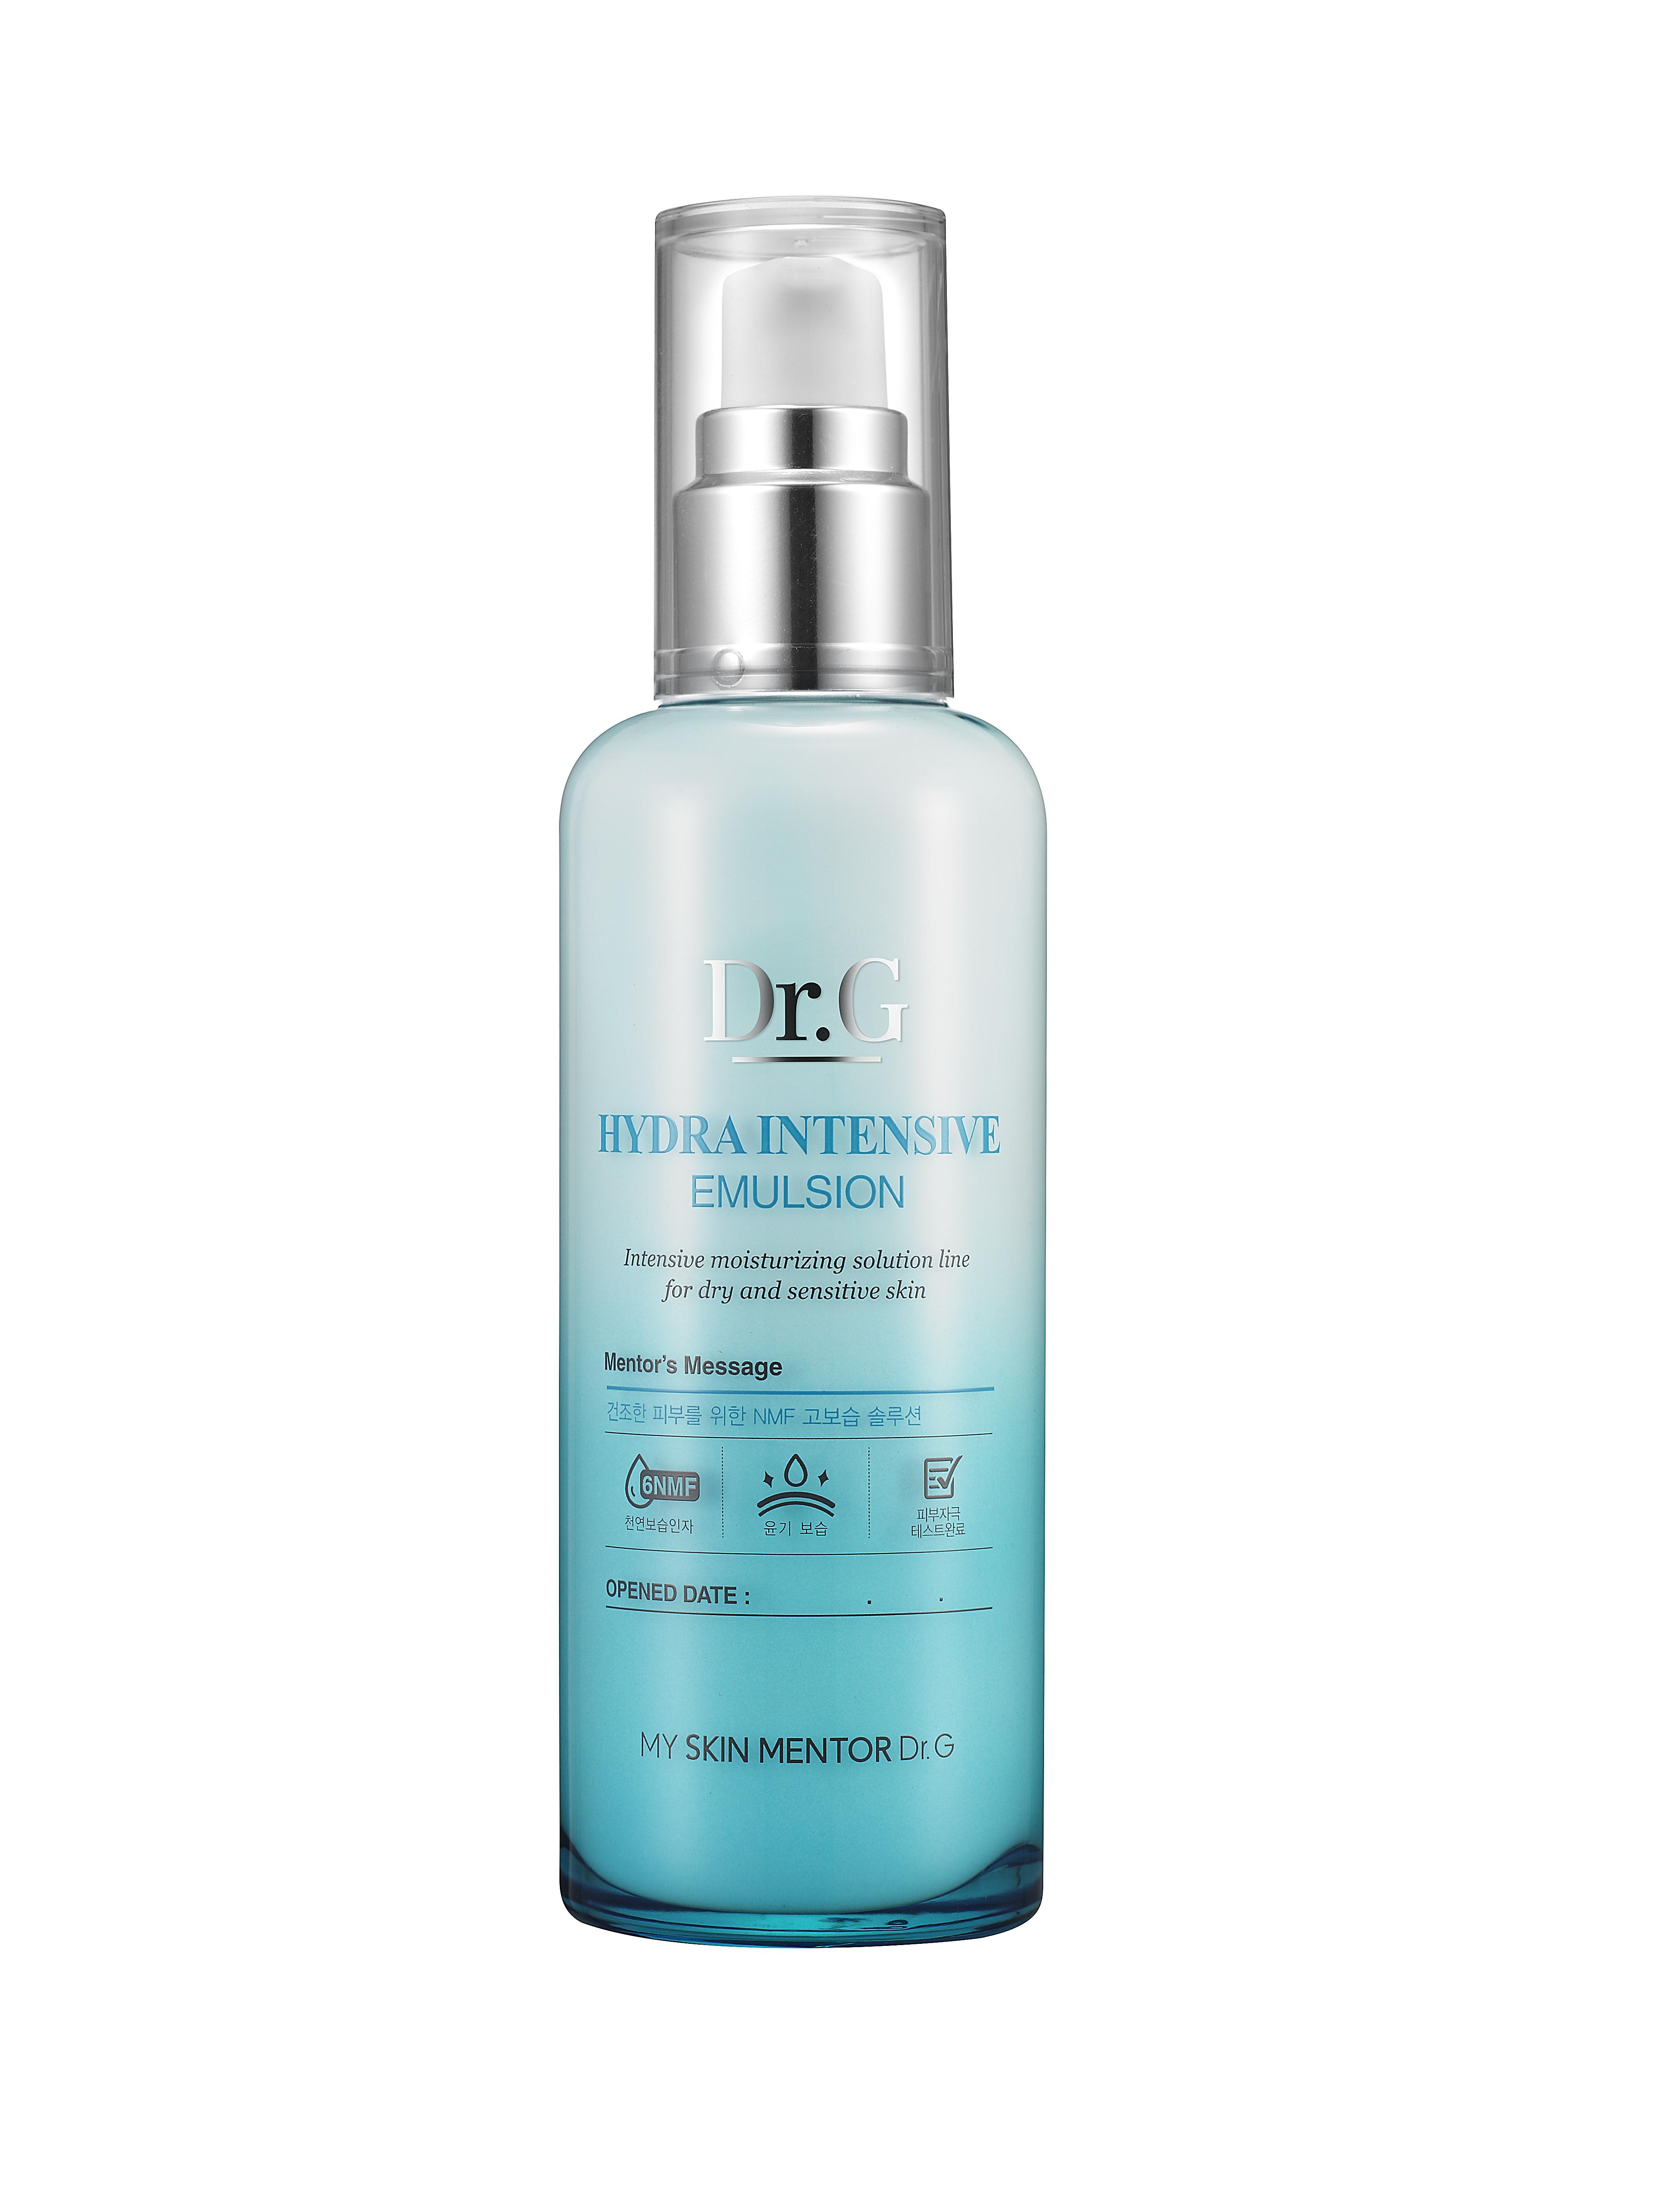 Dr. G Пенка для умывания очищающий увлажняющий Hydra, 120 мл5902596005016Пенка для интенсивного увлажнения и очищения кожи лица с усиленным NMF (натуральным увлажняющим фактором). Создает богатую густую пену. Оптимизирует влагообмен. Нейтрализует раздражение при чувствительной коже. NMF улучшает роговой слой и внешний вид кожи. Борется с воспалением и краснотой. Придает коже бархатистость и гладкость. Пенка насыщена экстрактами сосны и юкки, а также маслом виноградных косточек. Экстракт сосны является сильным антиоксидантом, улучшает состояние сосудов и предотвращает разрушение коллагена и эластина. Экстракт юкки содержит стероидные сапонины, полифенолы флавоноидной структуры. Обладает противовоспалительным эффектом, «ловит» свободные радикалы. Масло виноградных косточек регулирует саловыделение, сужает поры, при этом выравнивая тон и улучшает кожный покров.Не содержит содиум лаурил сульфата (SLS).